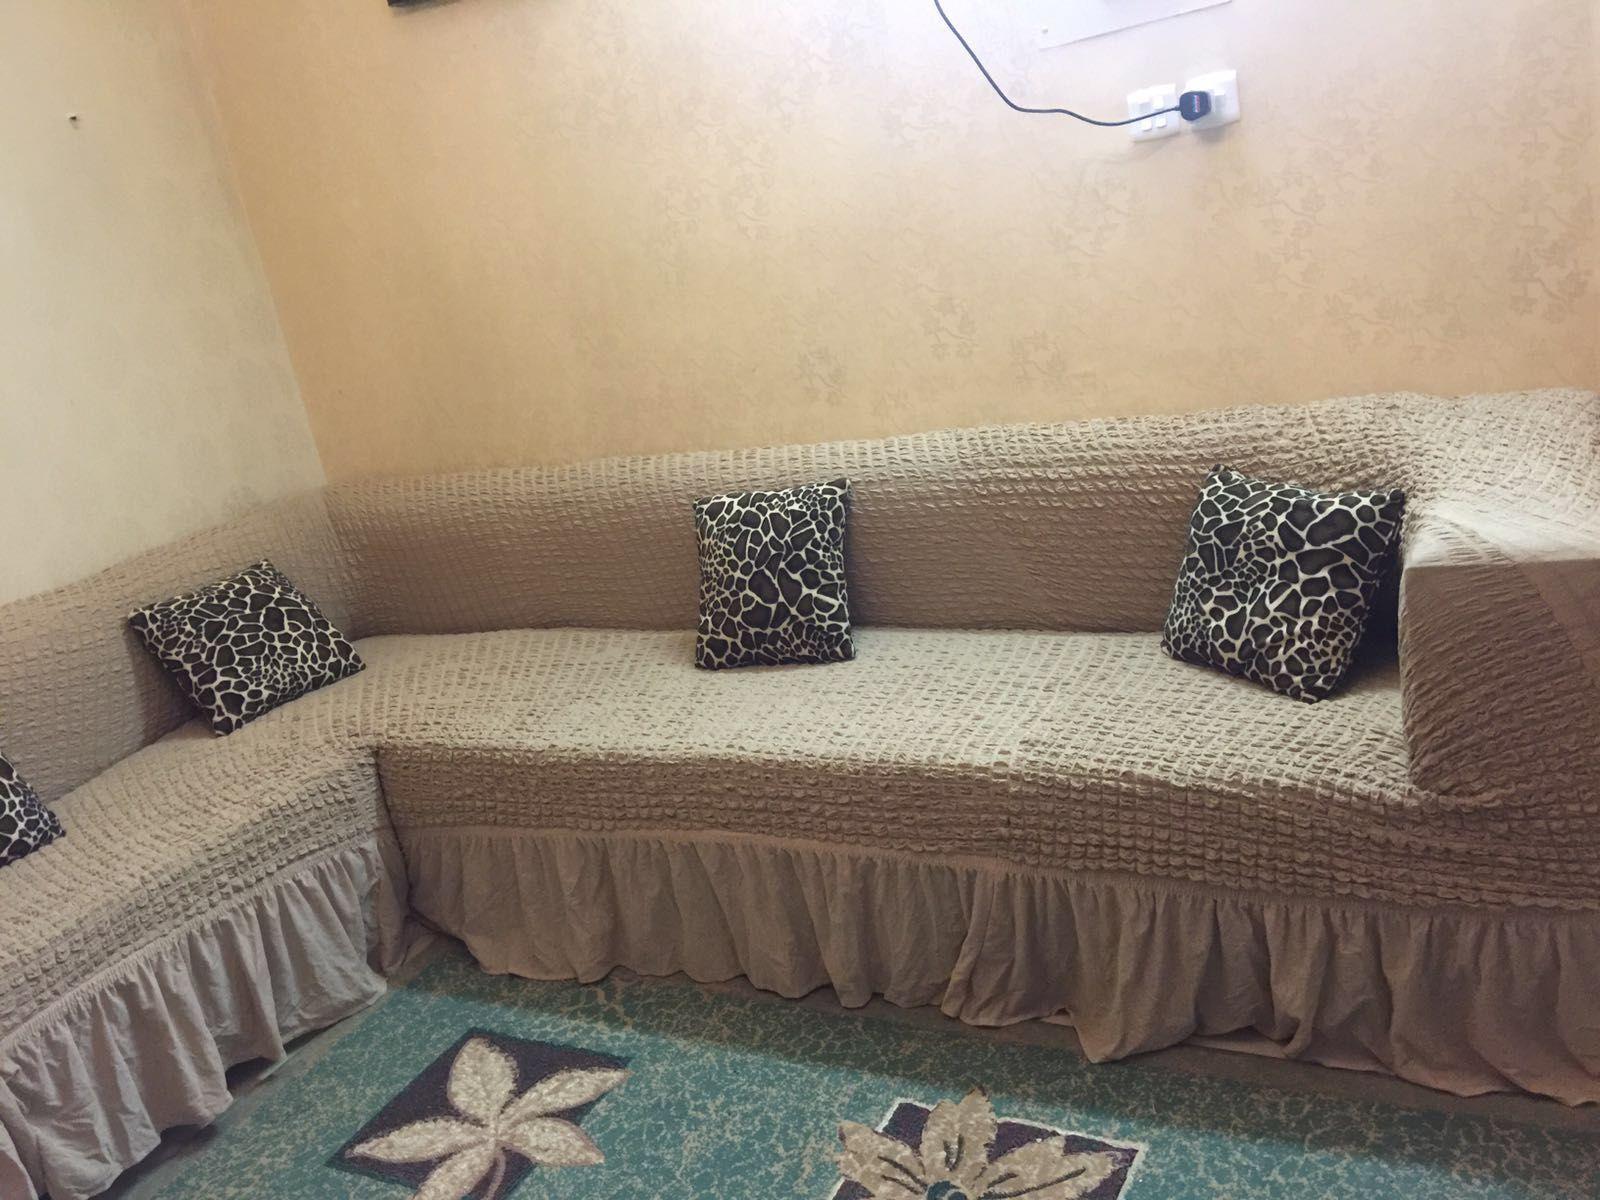 لطلب واتس اب 0543221247 غطا كنب بالمتر من تصوير زباينا يتوفر عندنا تلبيسات كنت با المتر تفصيل على الكنبات المتصل جميع المقاسات ت Furniture Home Decor Decor